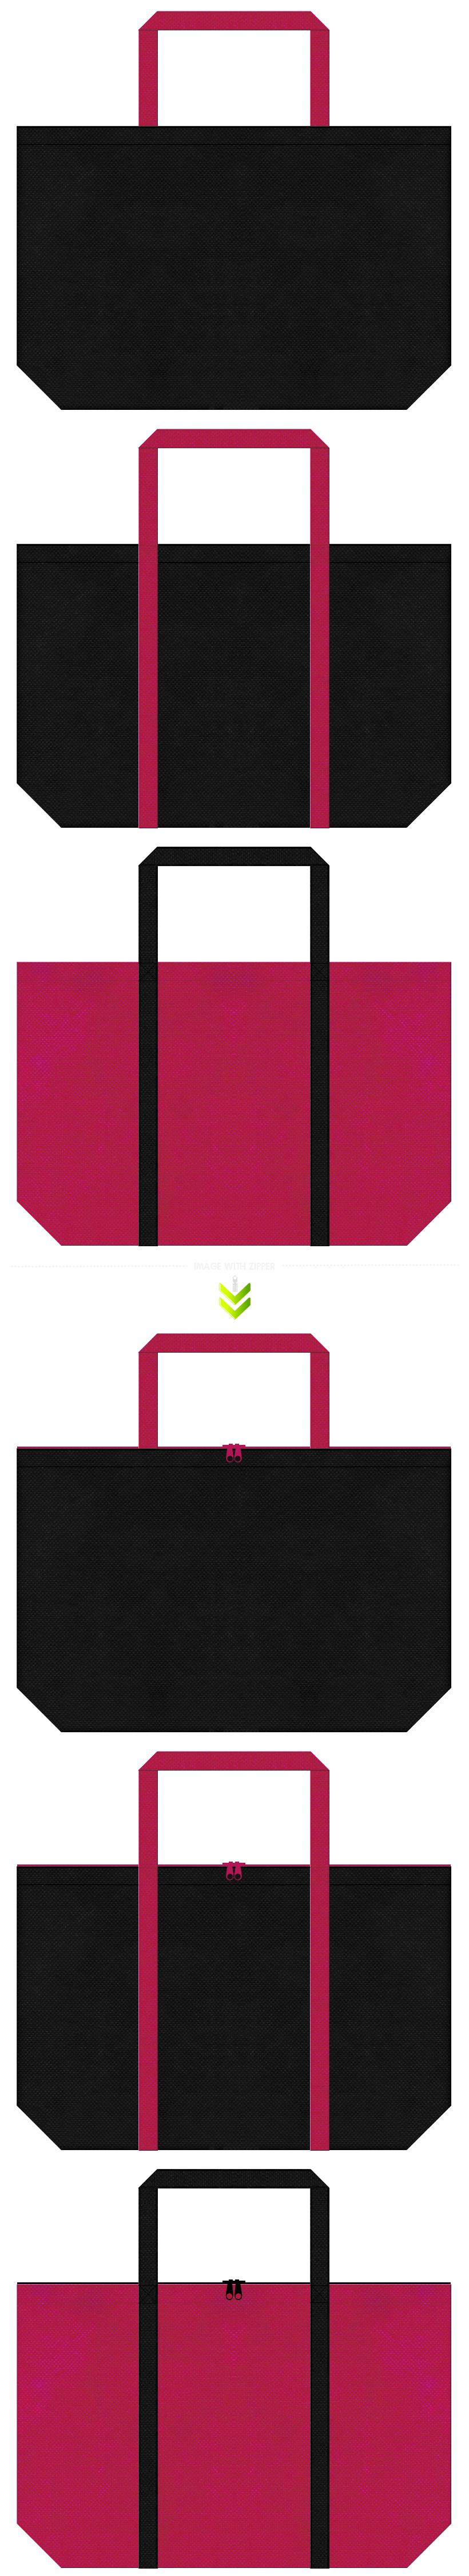 黒色と濃いピンク色の不織布エコバッグのデザイン。スポーティーファッションのショッピングバッグにお奨めです。